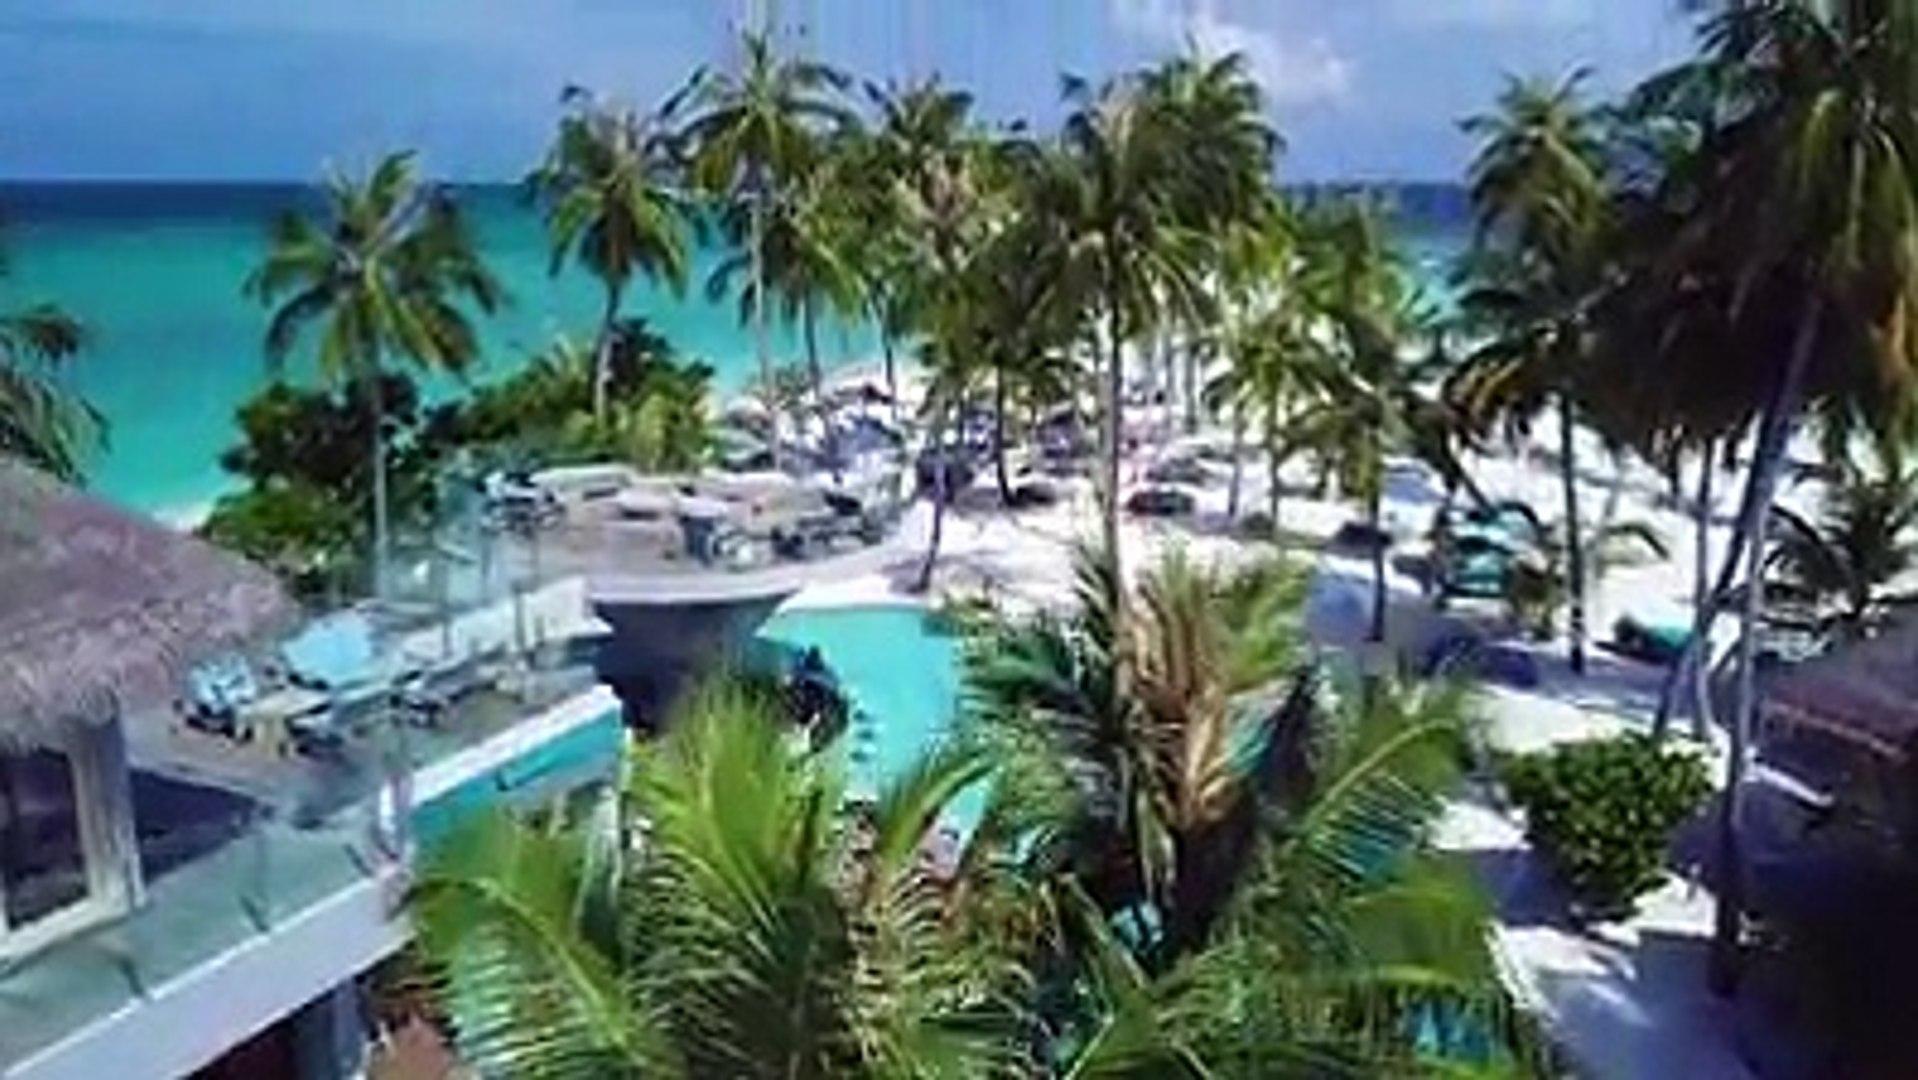 或許每個人對於馬爾地夫印象最深刻的是那美到心房裡的清澈海水那是因為還沒有見識過Finolhu Baa Atoll 獨一無二的超長拖尾沙灘一旦看過可是會讓人震撼到產生走在印度洋海面上的錯覺呢!!!htt